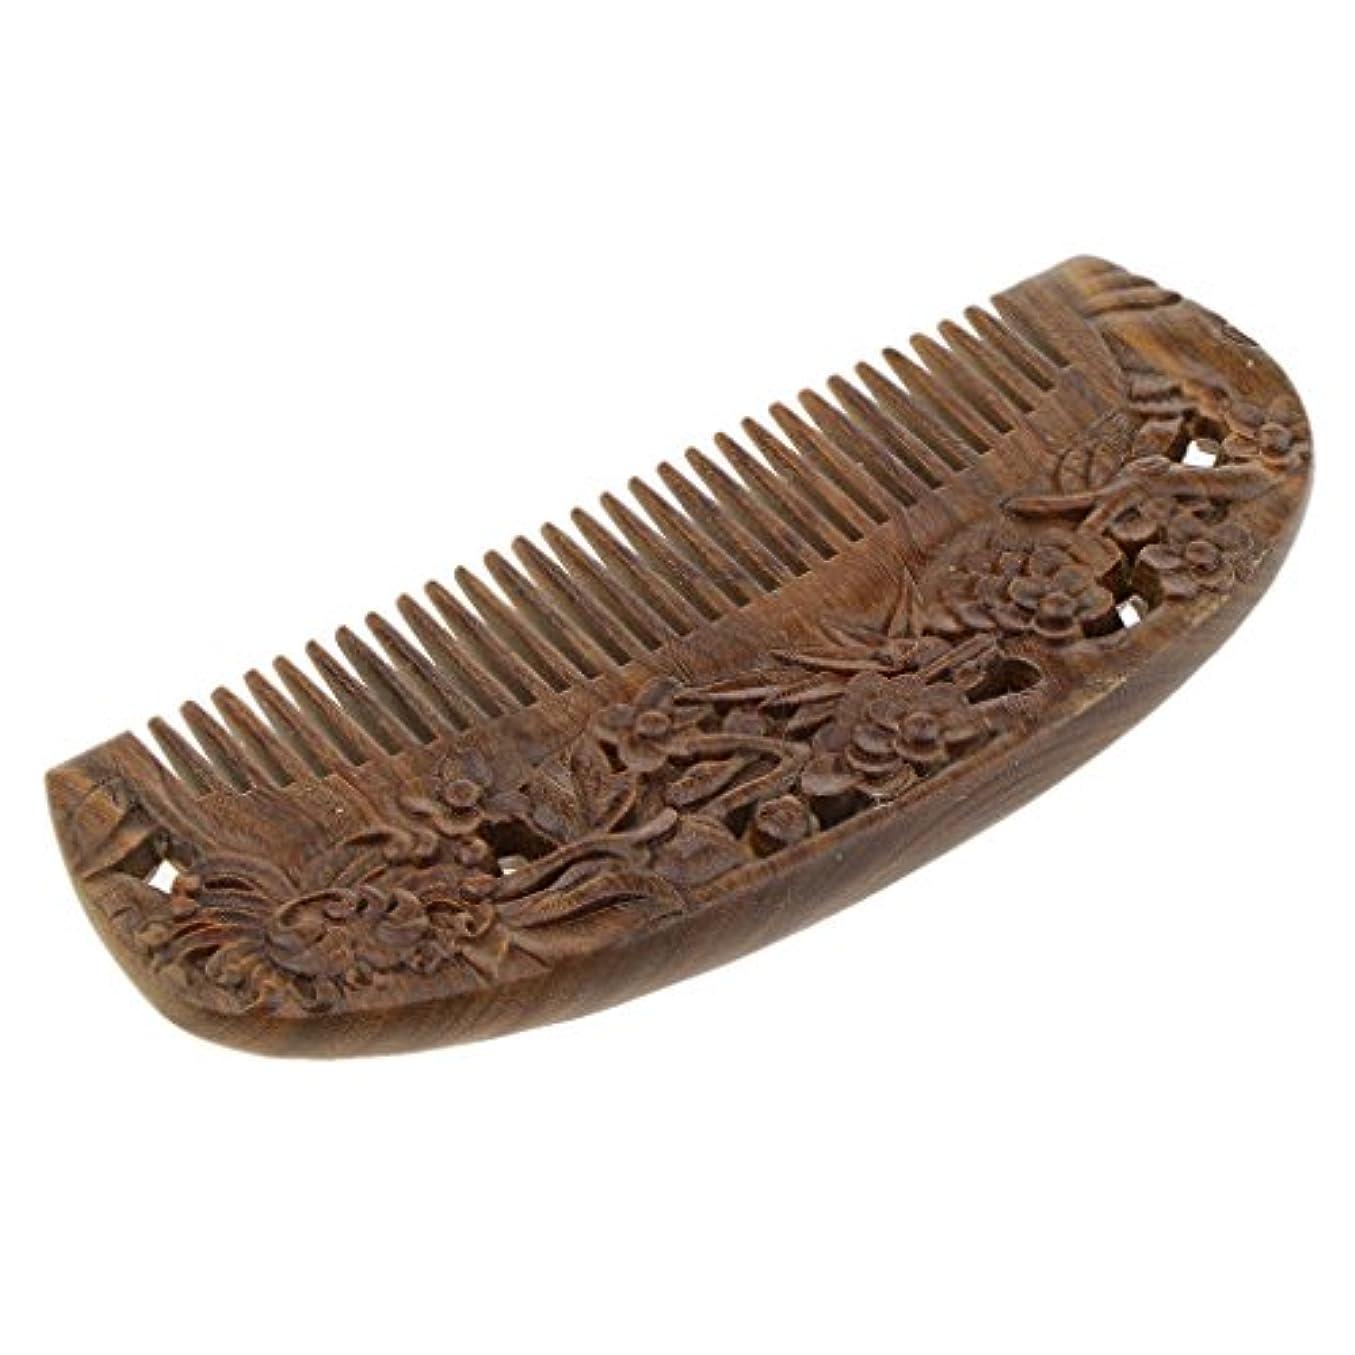 迫害する続編項目全2種類 ウッドコーム ワイド歯 ヘアブラシ 頭皮マッサージ 木製コーム ヘアスタイリング - #2